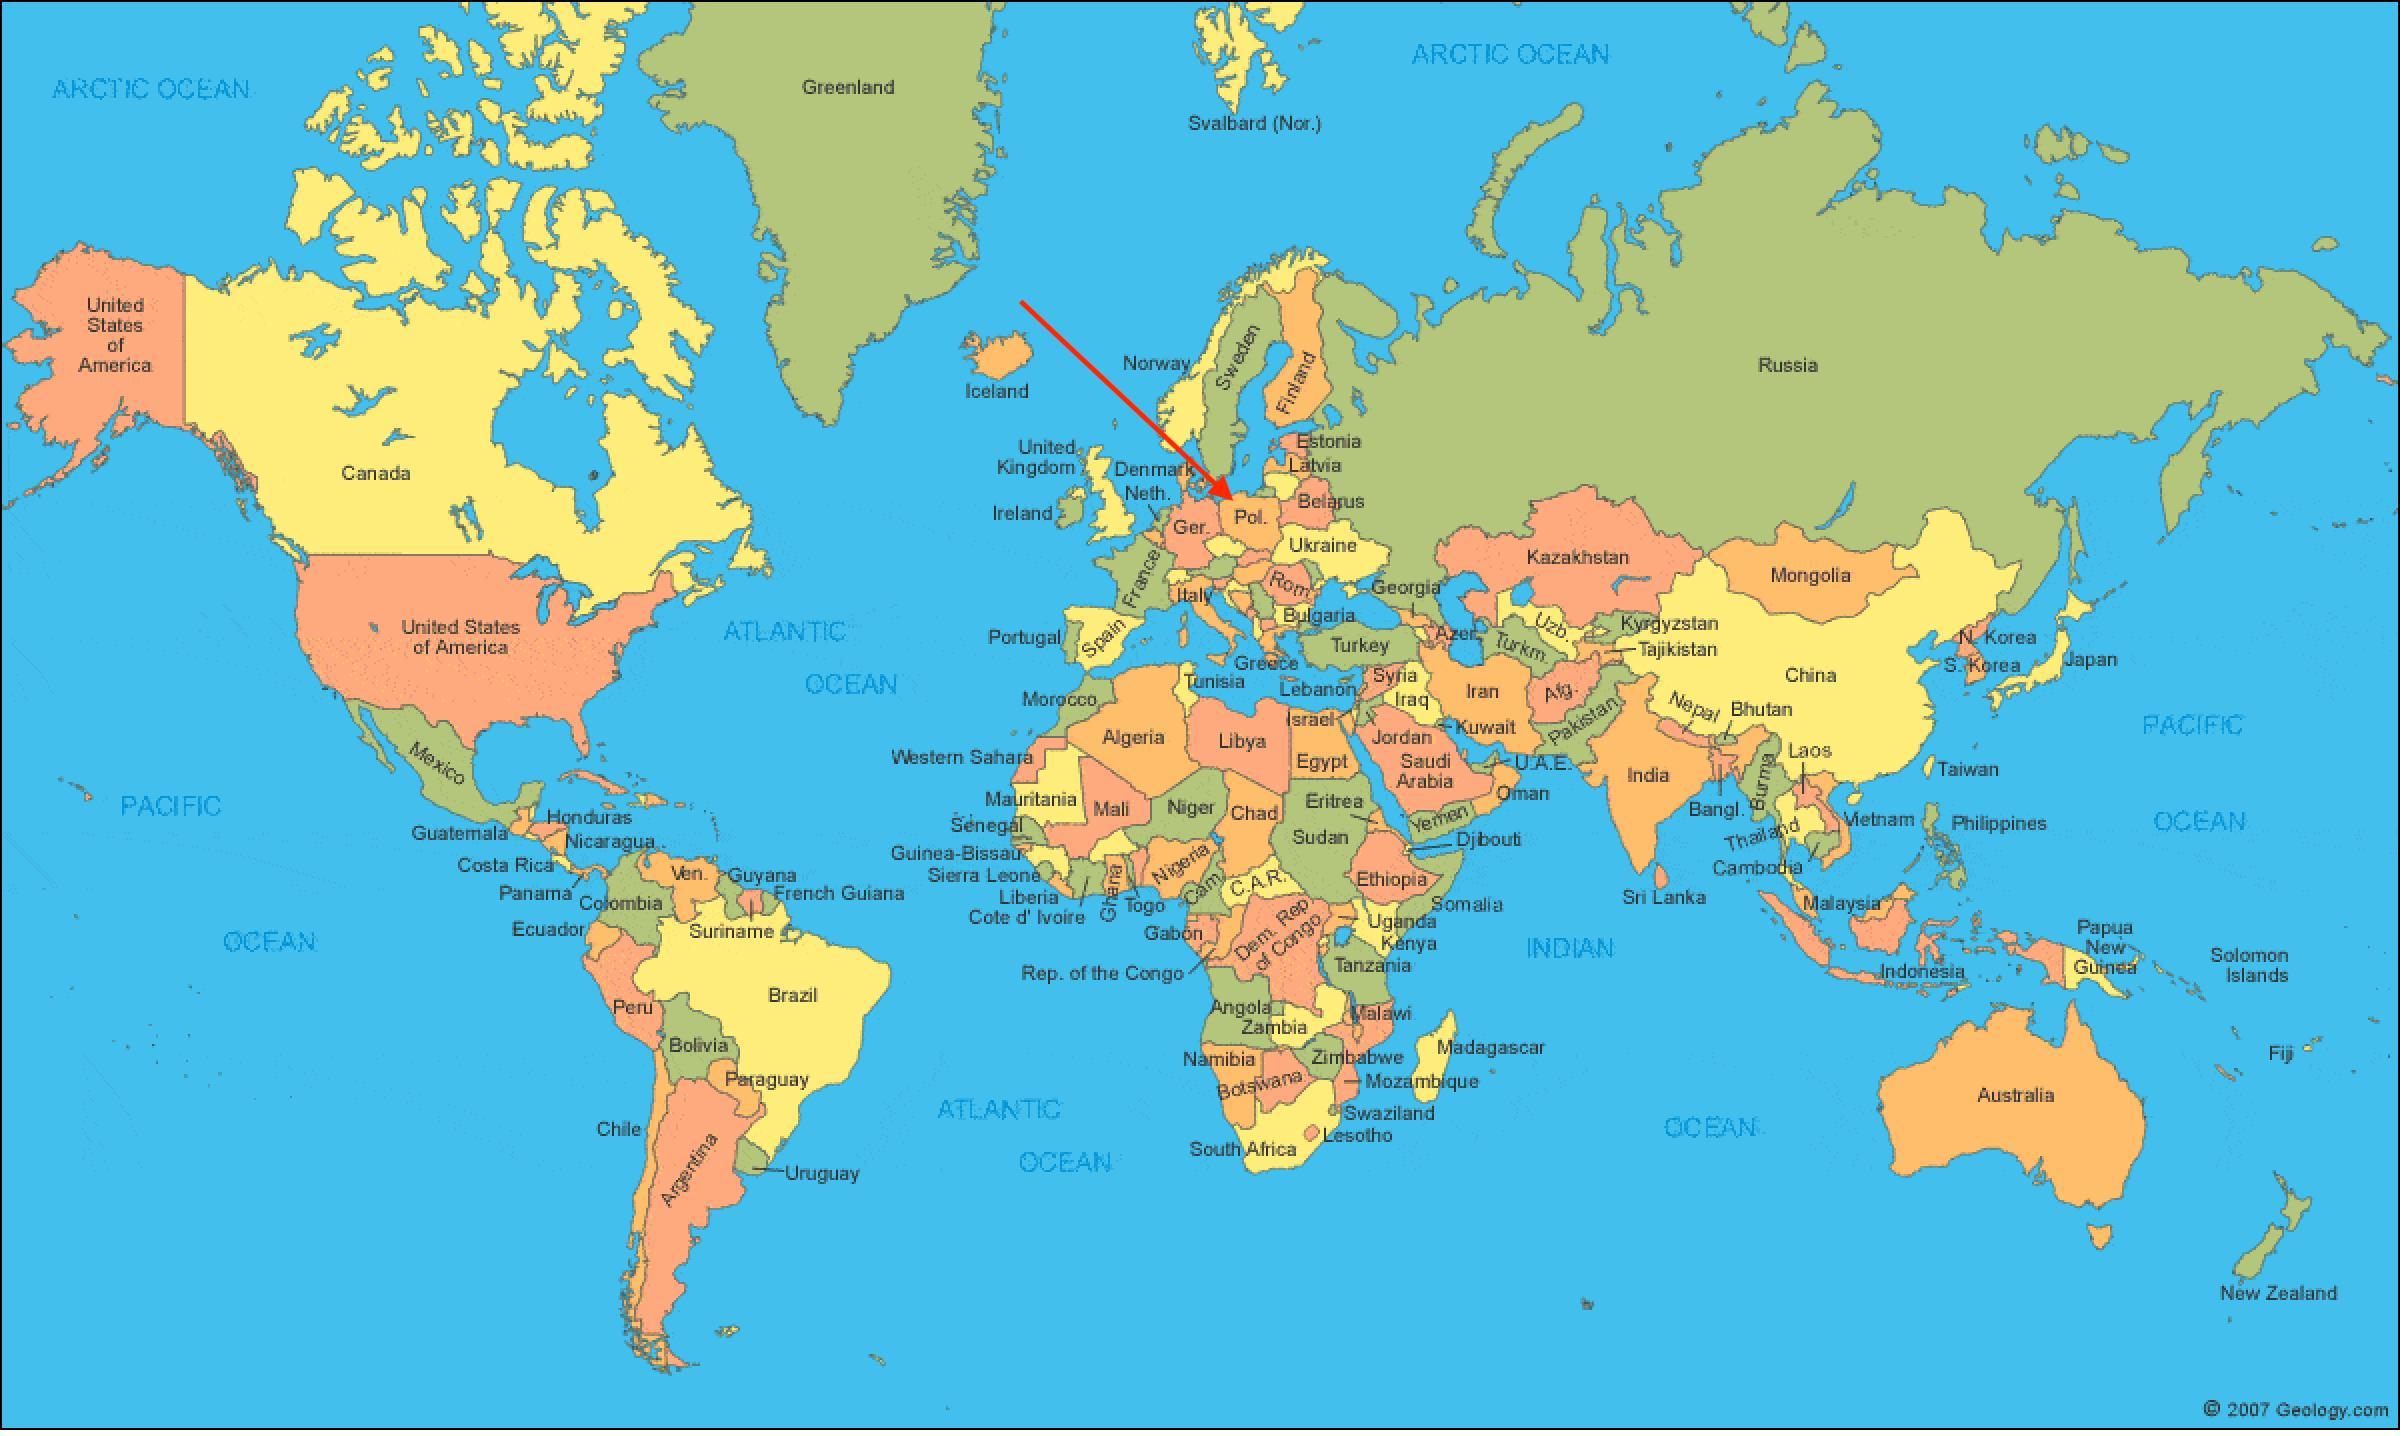 Poland on world map world map showing poland eastern europe europe world map showing poland gumiabroncs Choice Image